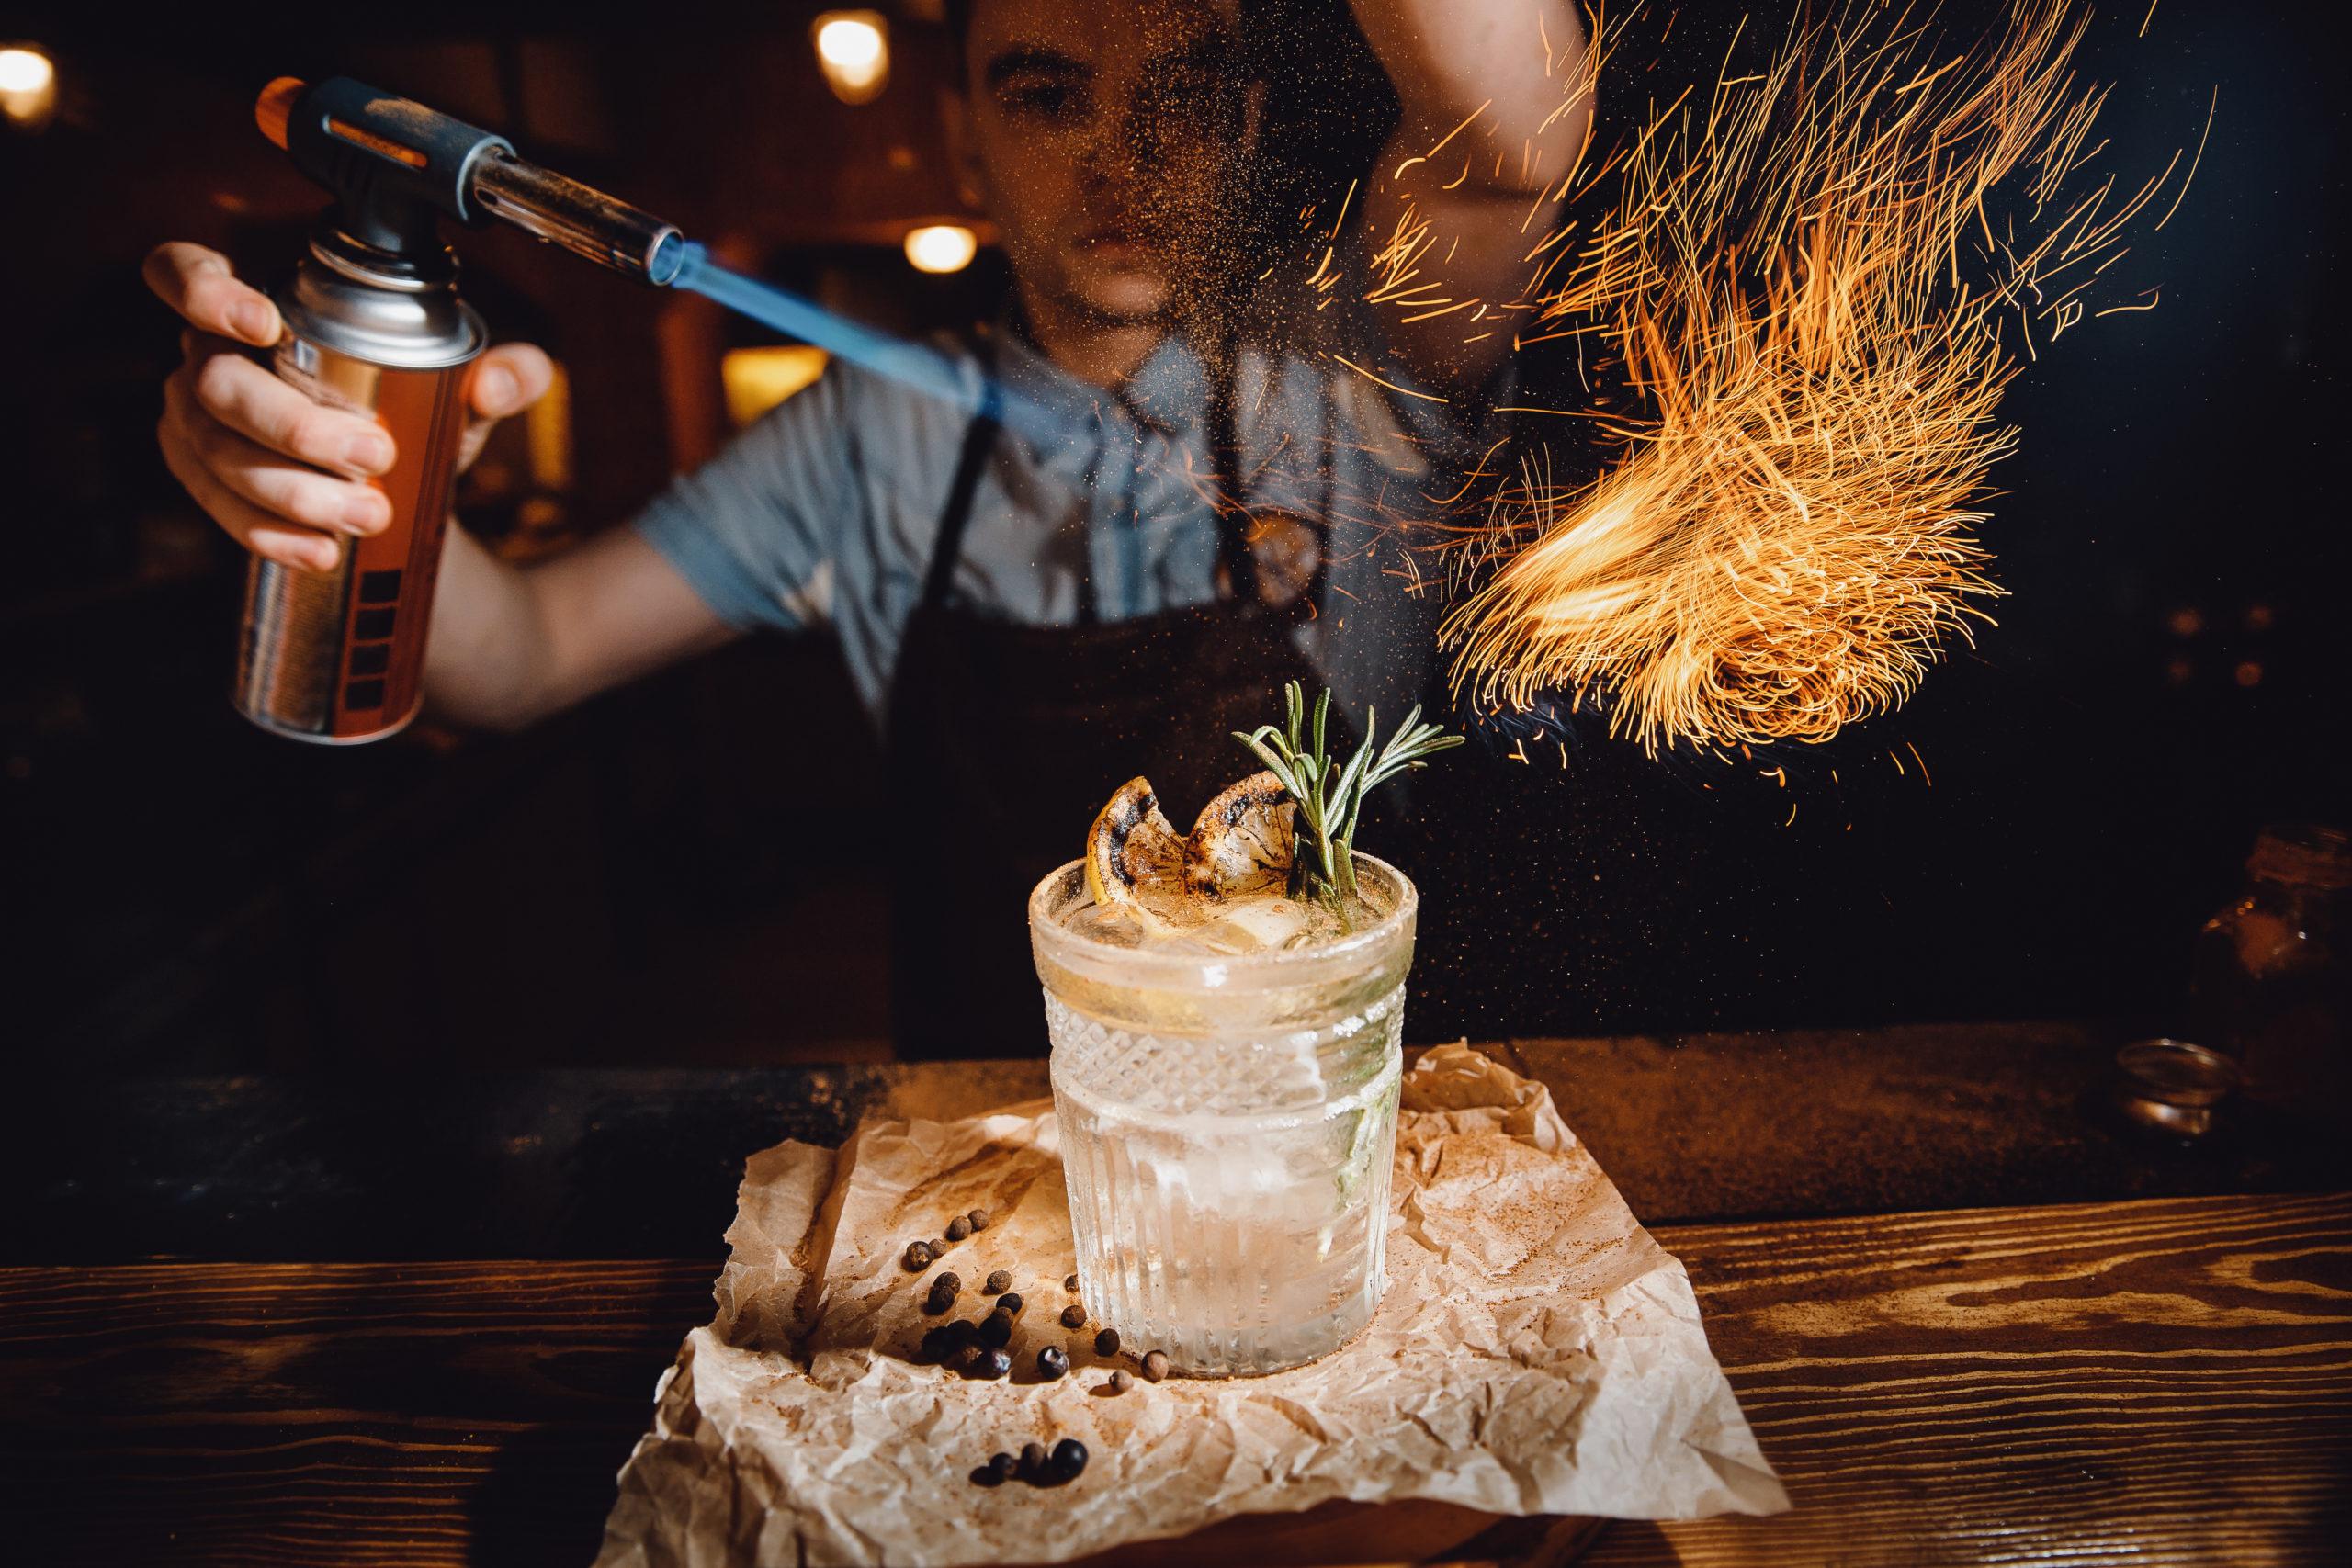 Alles über den Beruf als Barkeeper